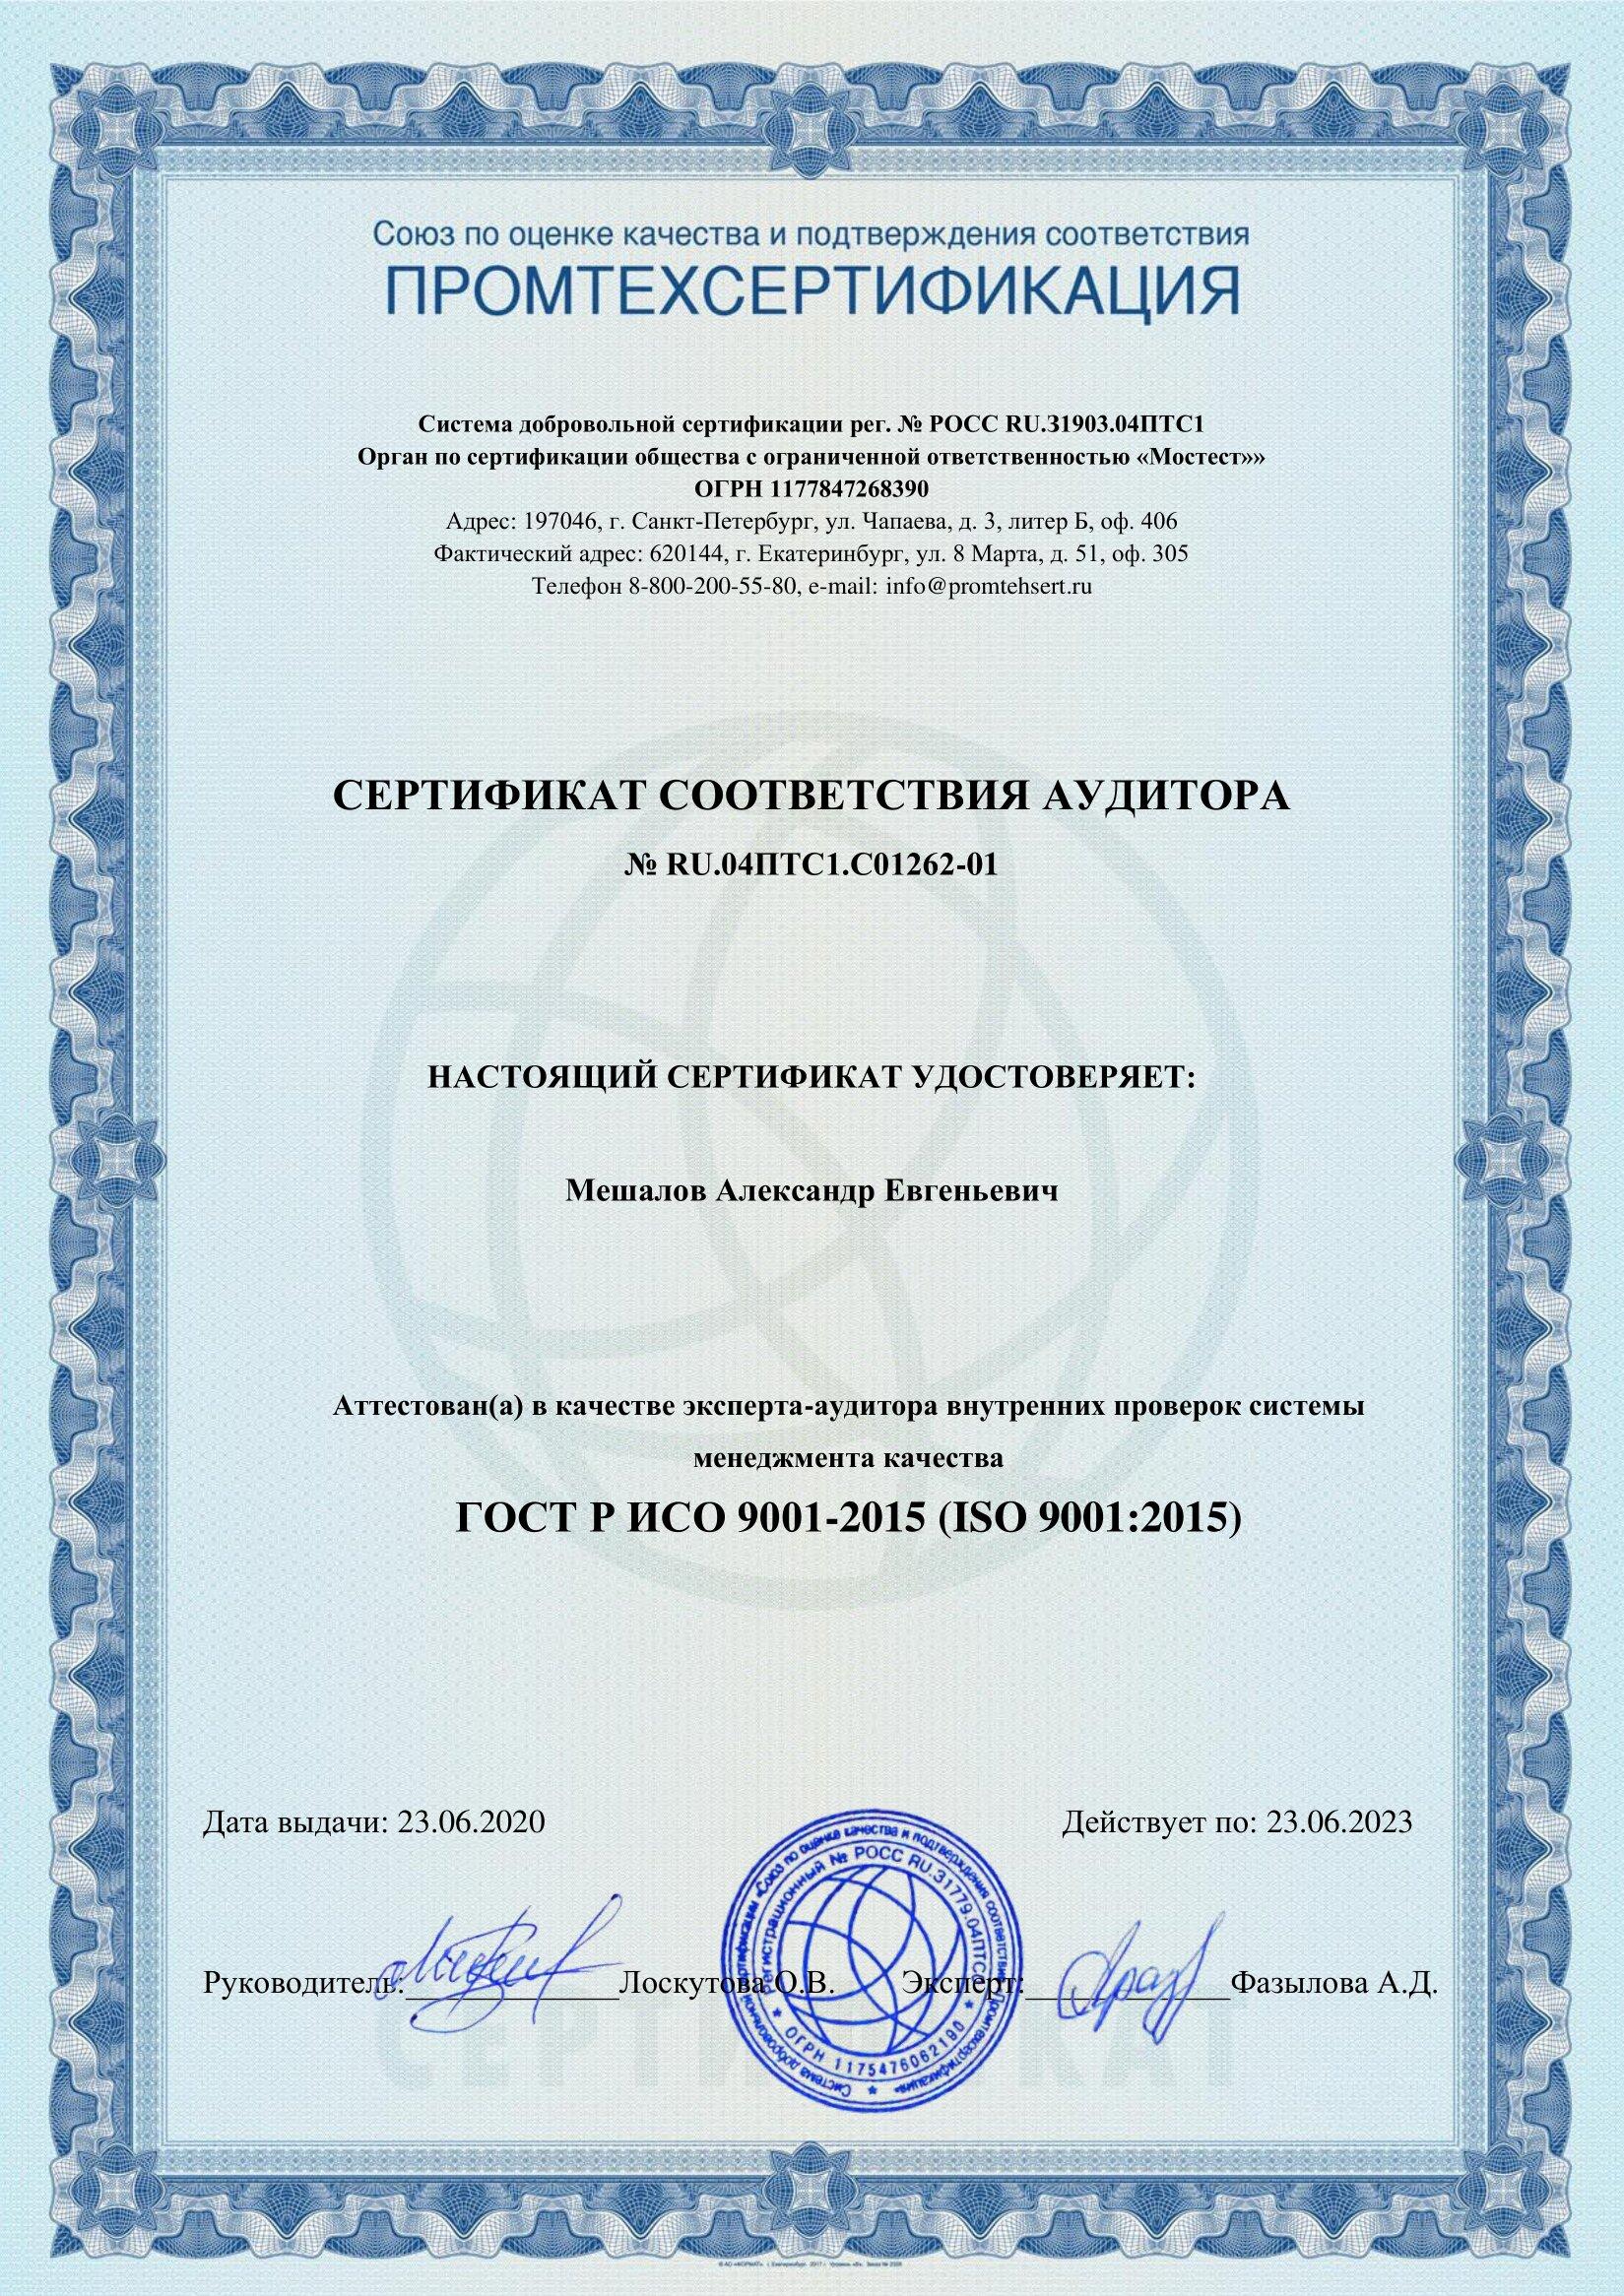 ГОСТ Р ИСО 9001-2015_0002